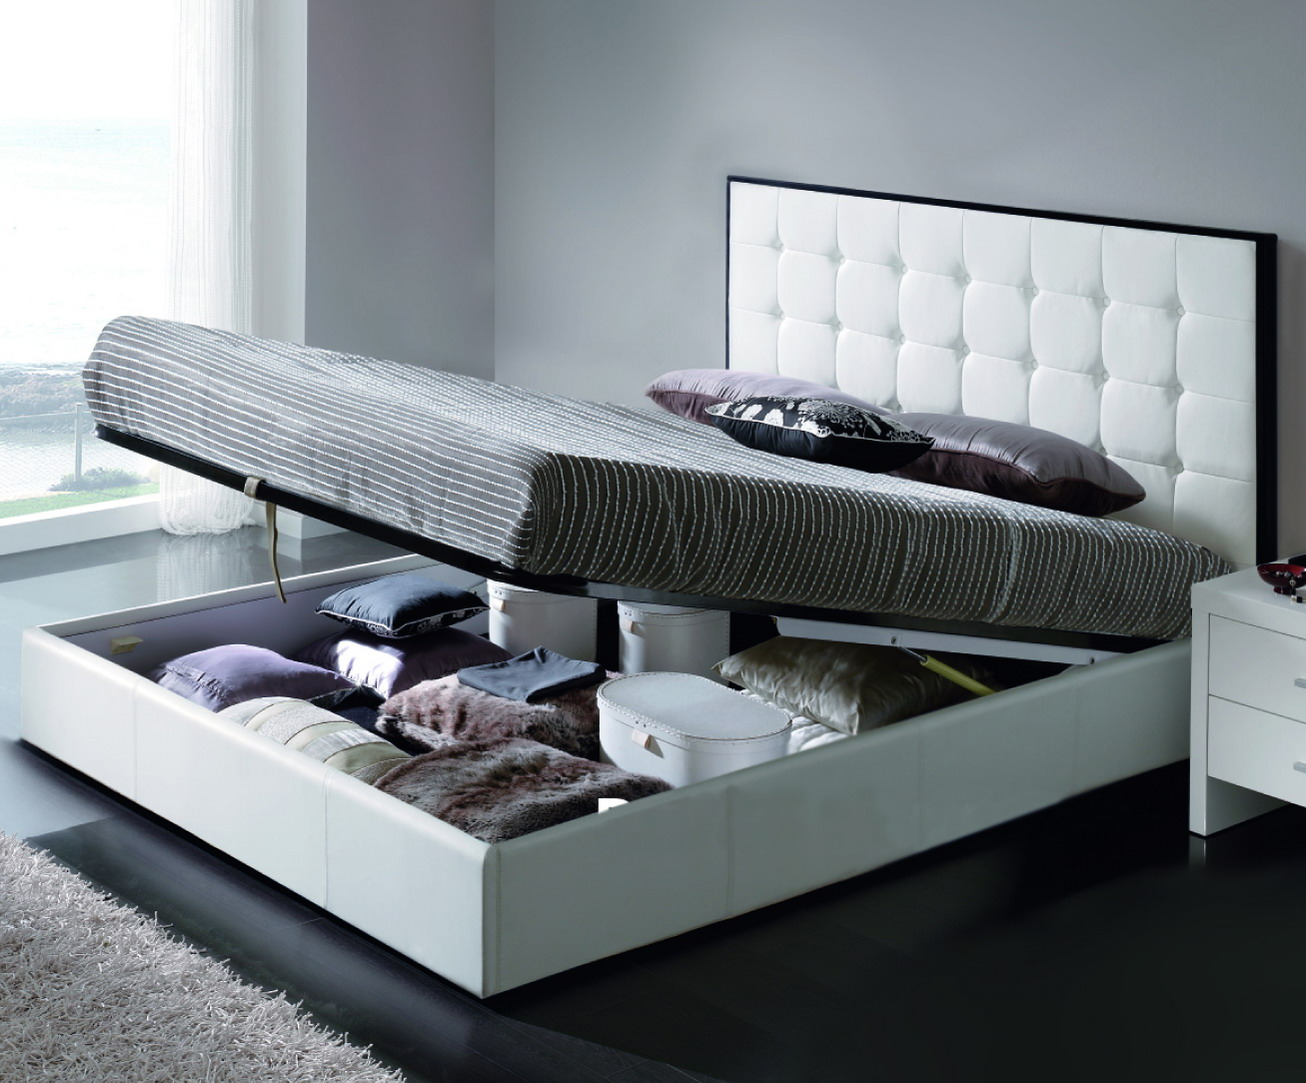 Функциональная кровать для спальни